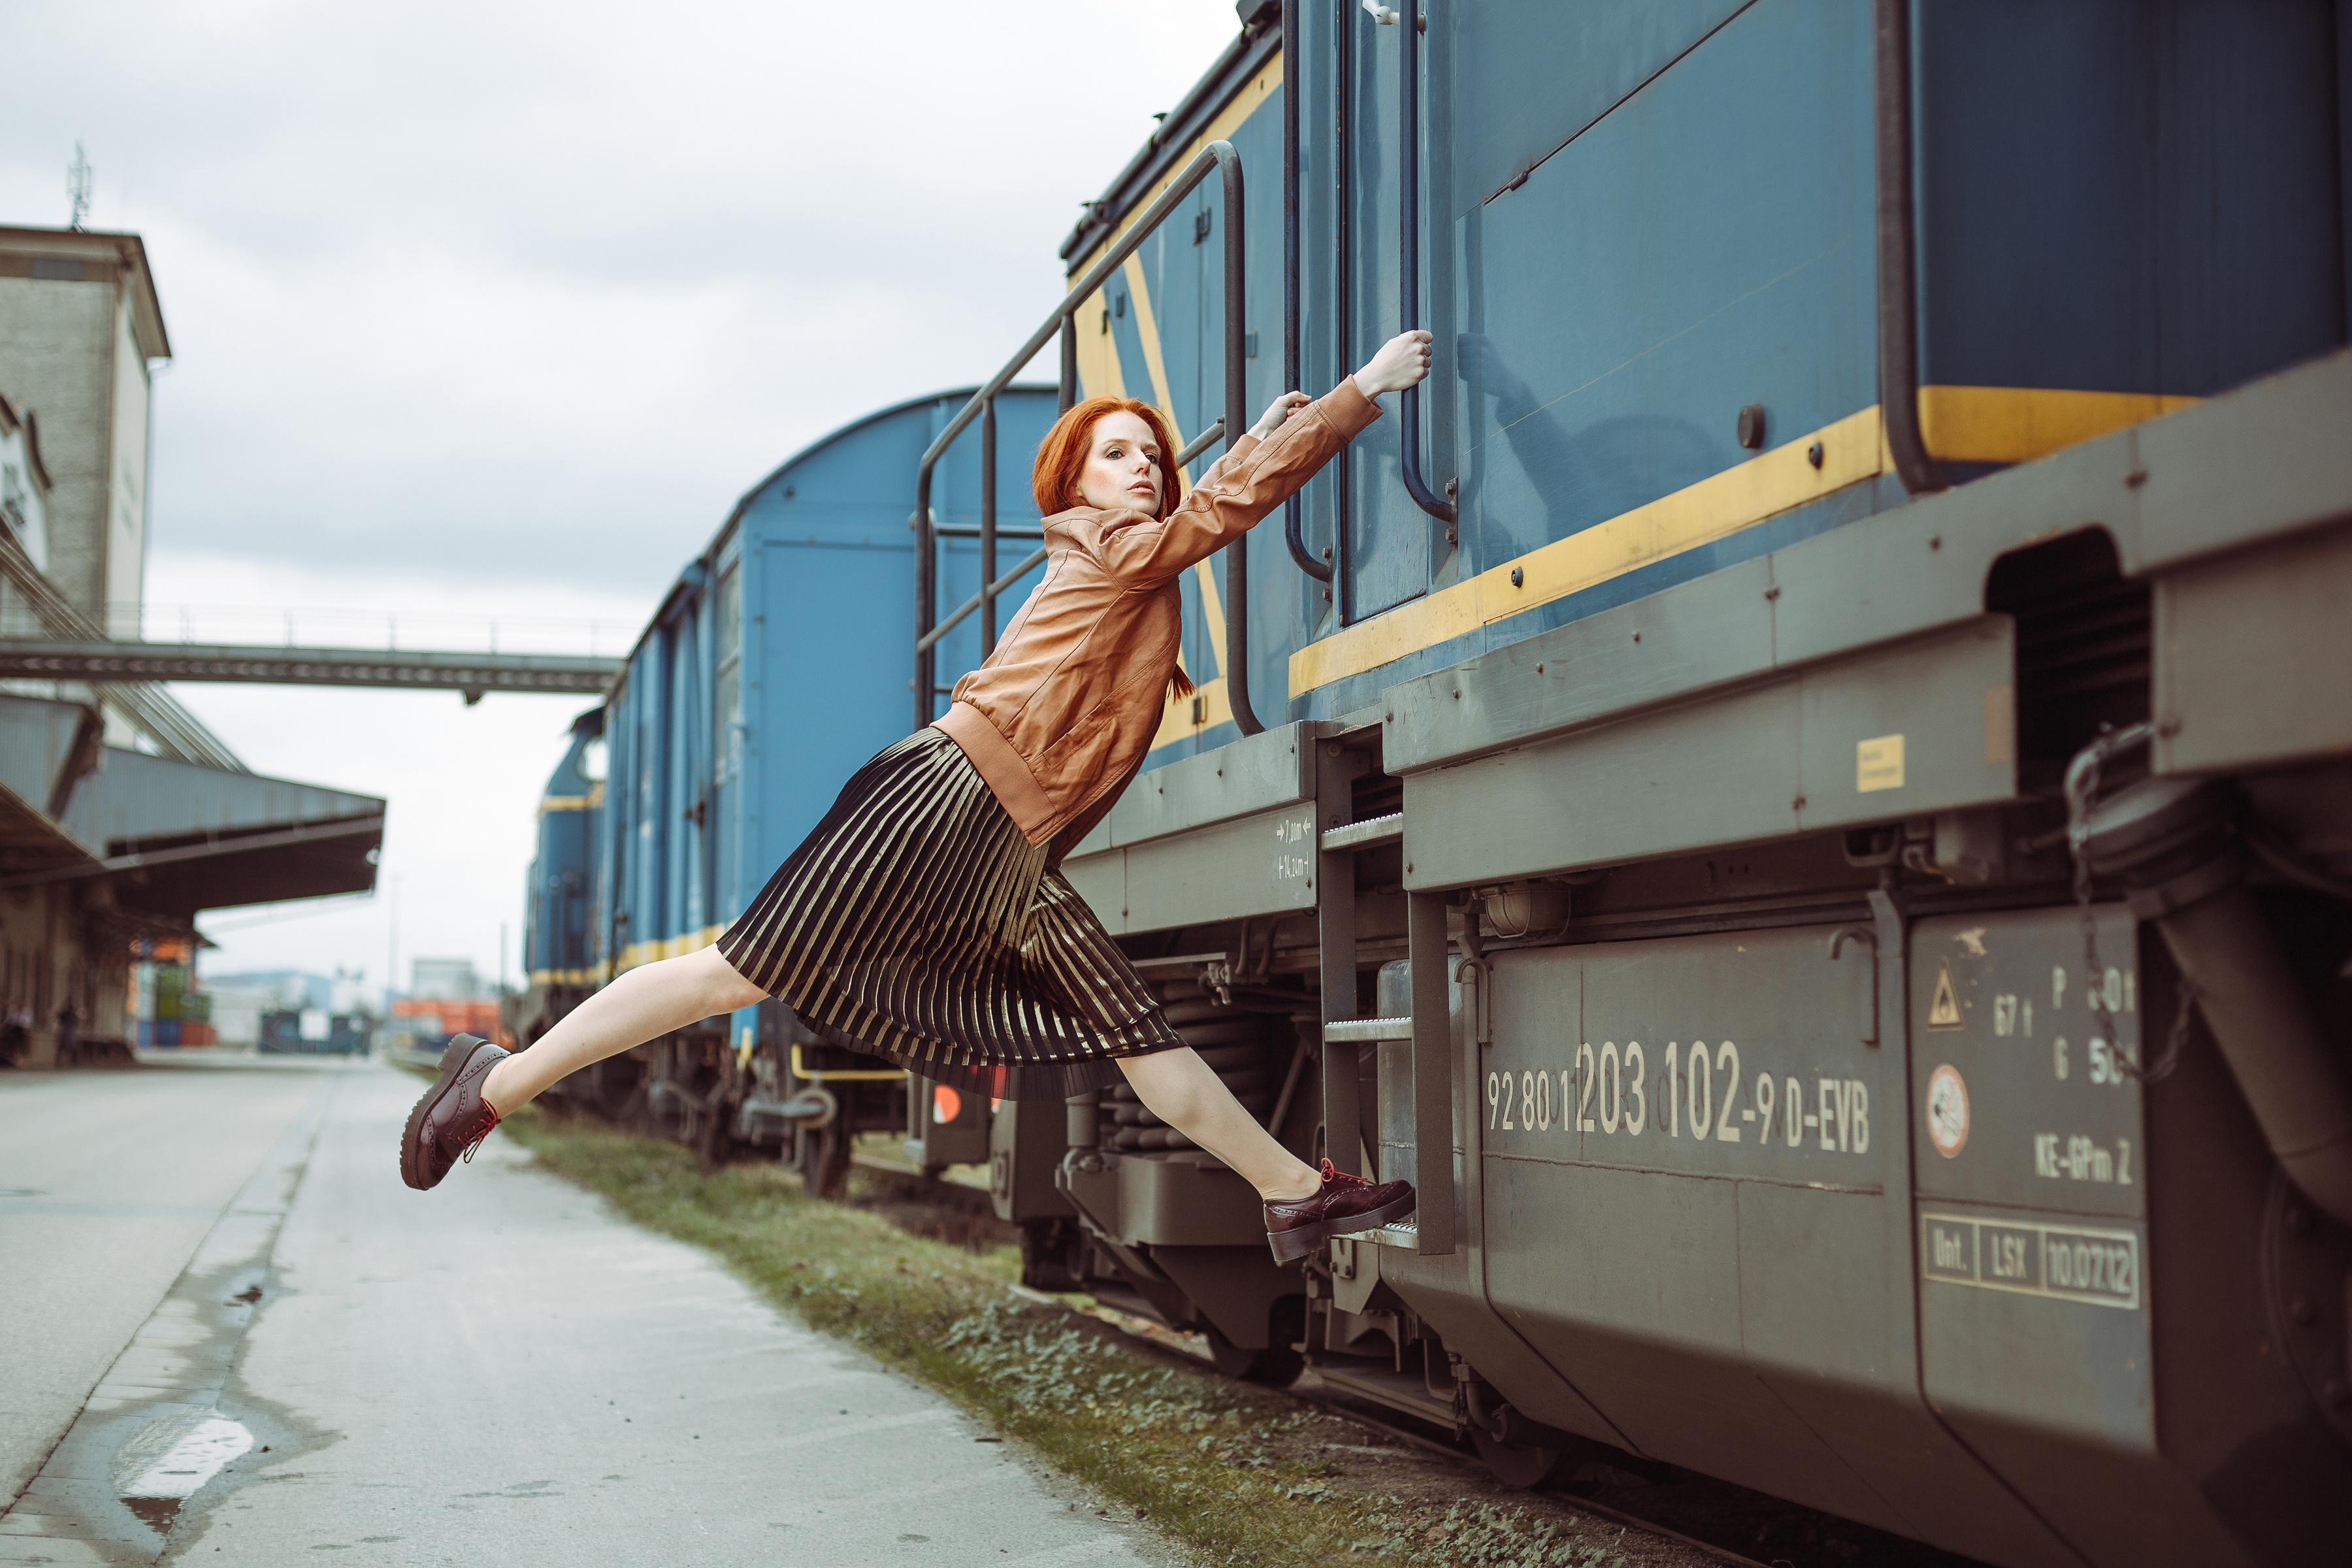 разработки этого успеть на поезд картинки такими обоями совершенно